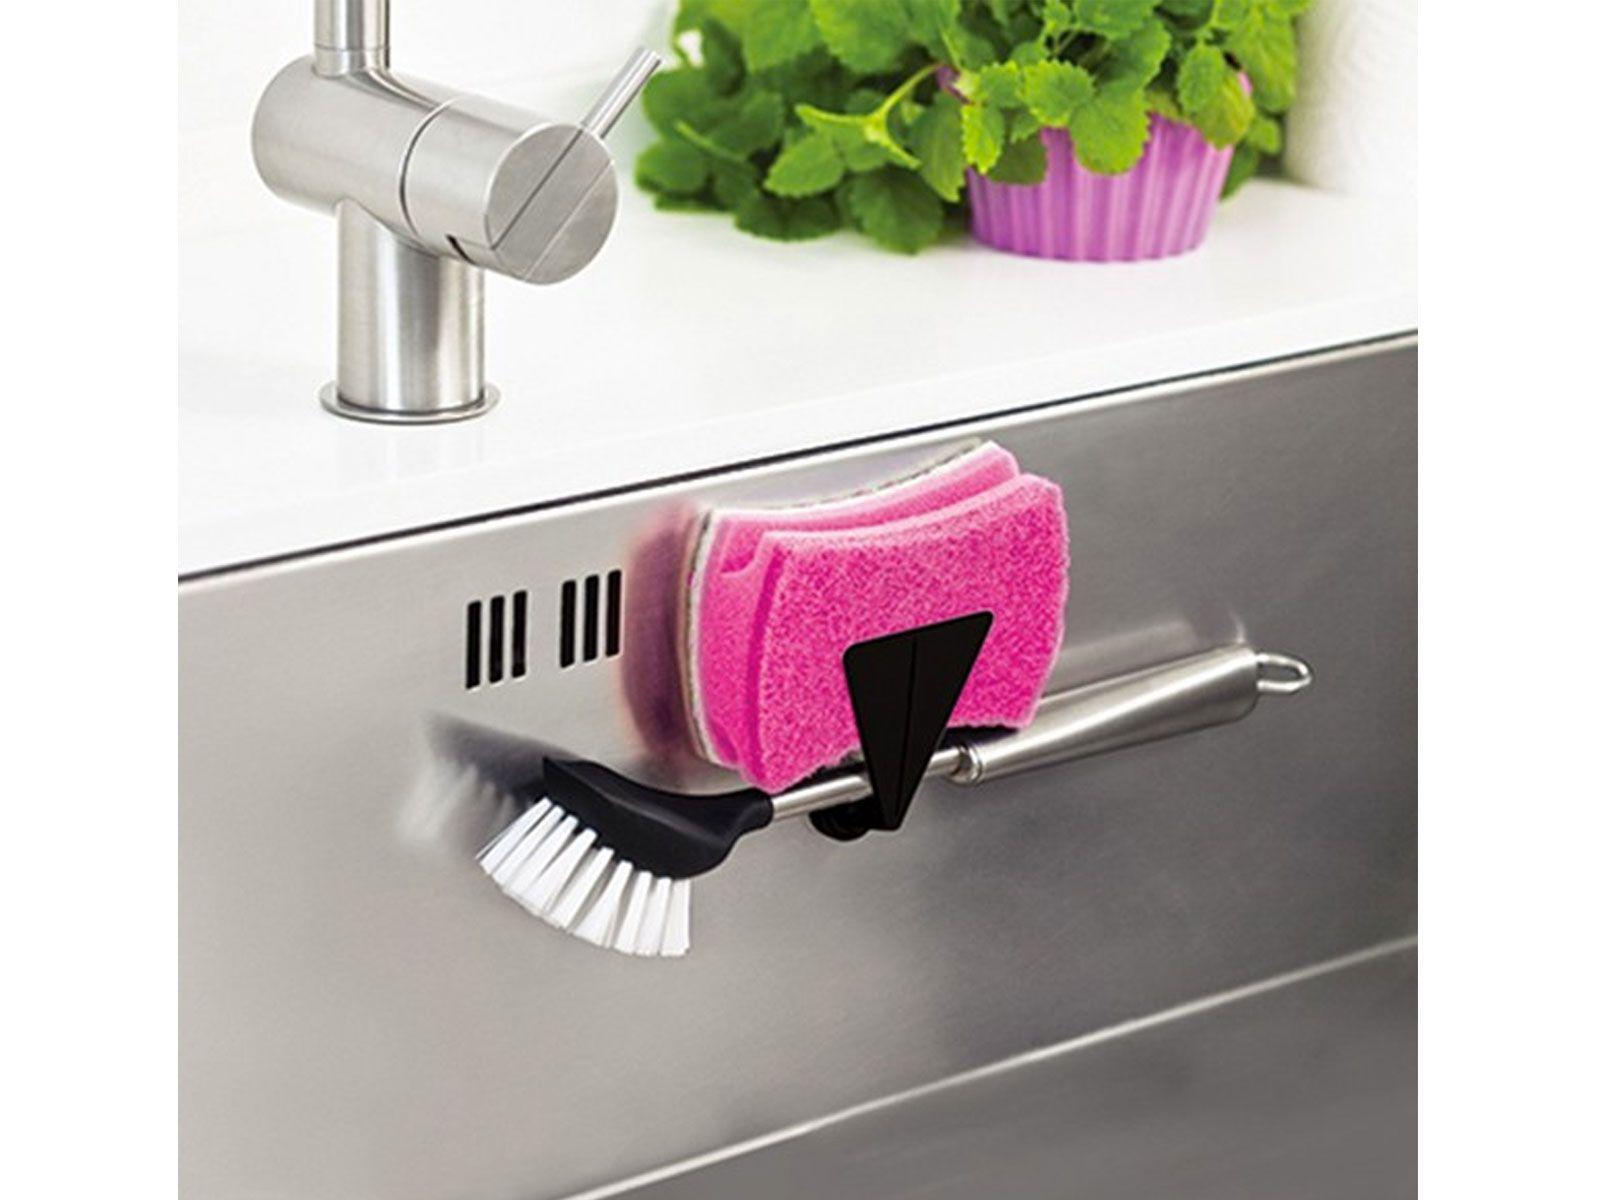 Handdoek Ophangen Keuken : Magnetische accessoires voor vaatdoeken en handdoeken keukens